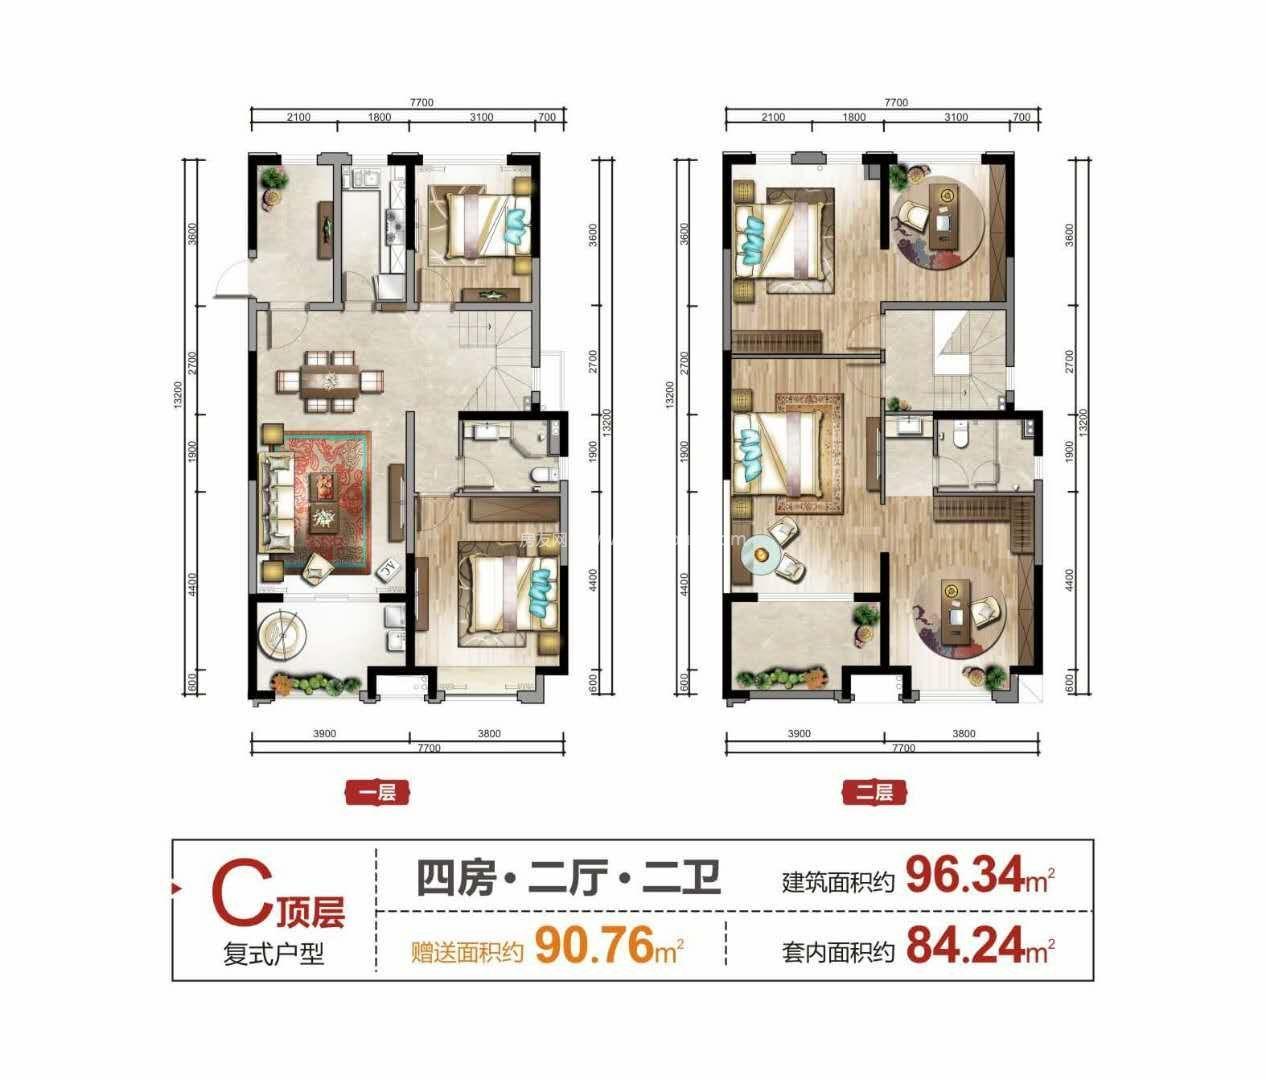 C顶层复式户型 4室2厅2卫1厨 建面96㎡